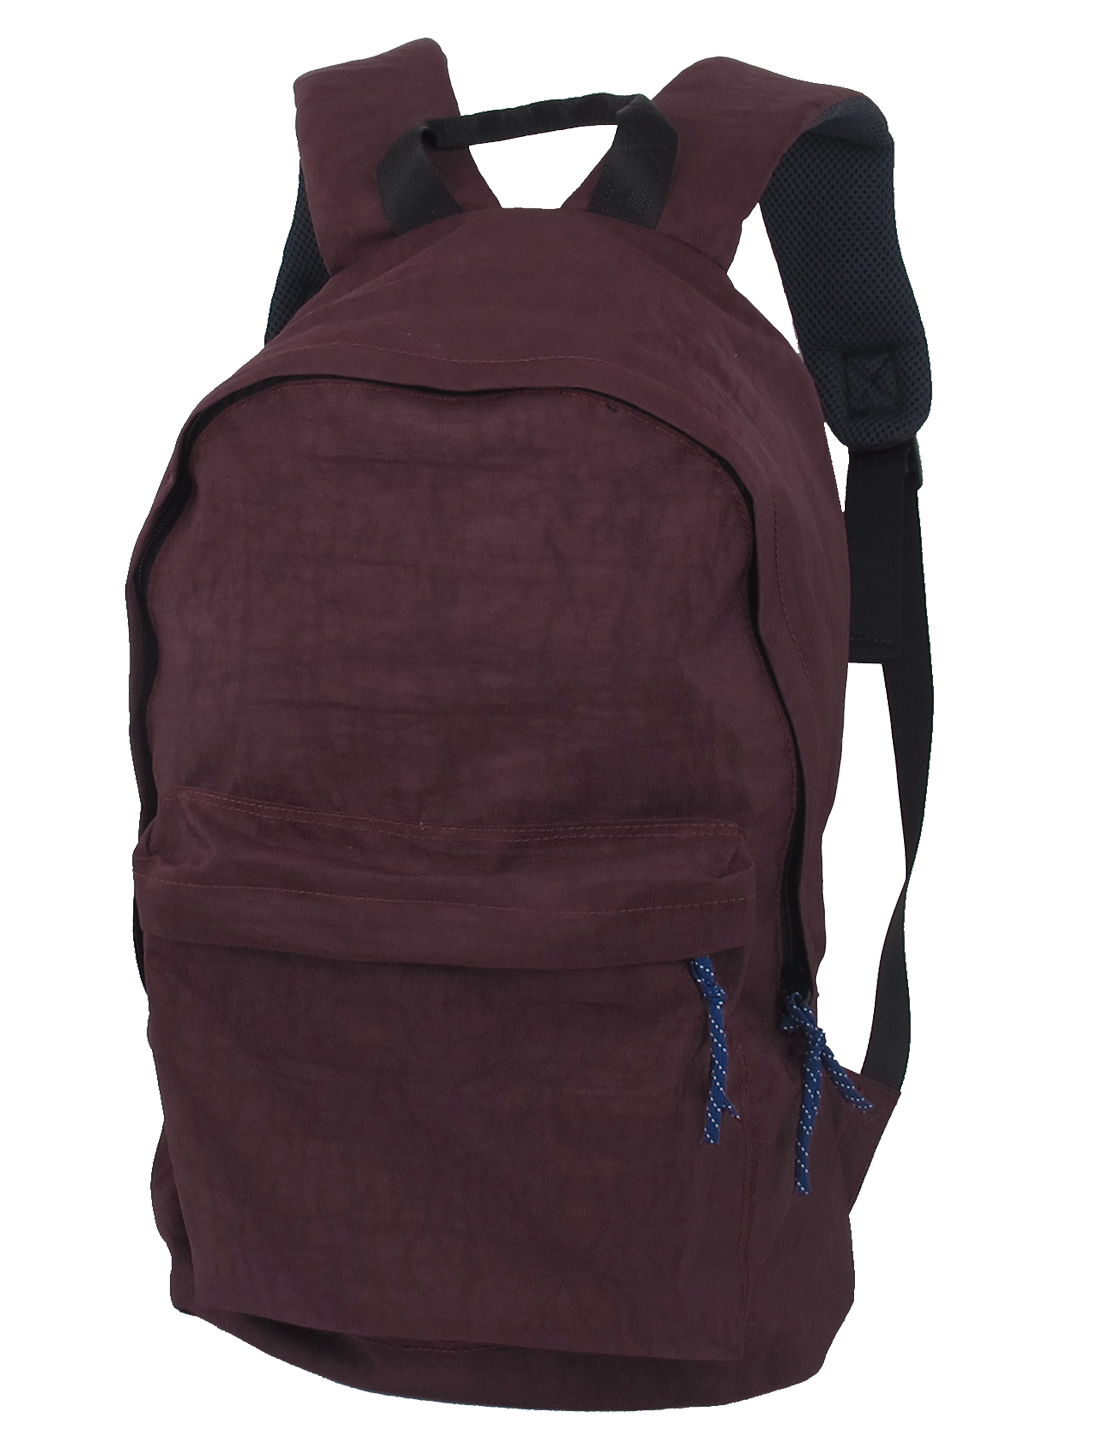 Men Padded Adjustable Shoulder Straps Camera Bag Travel Backpack Burgundy